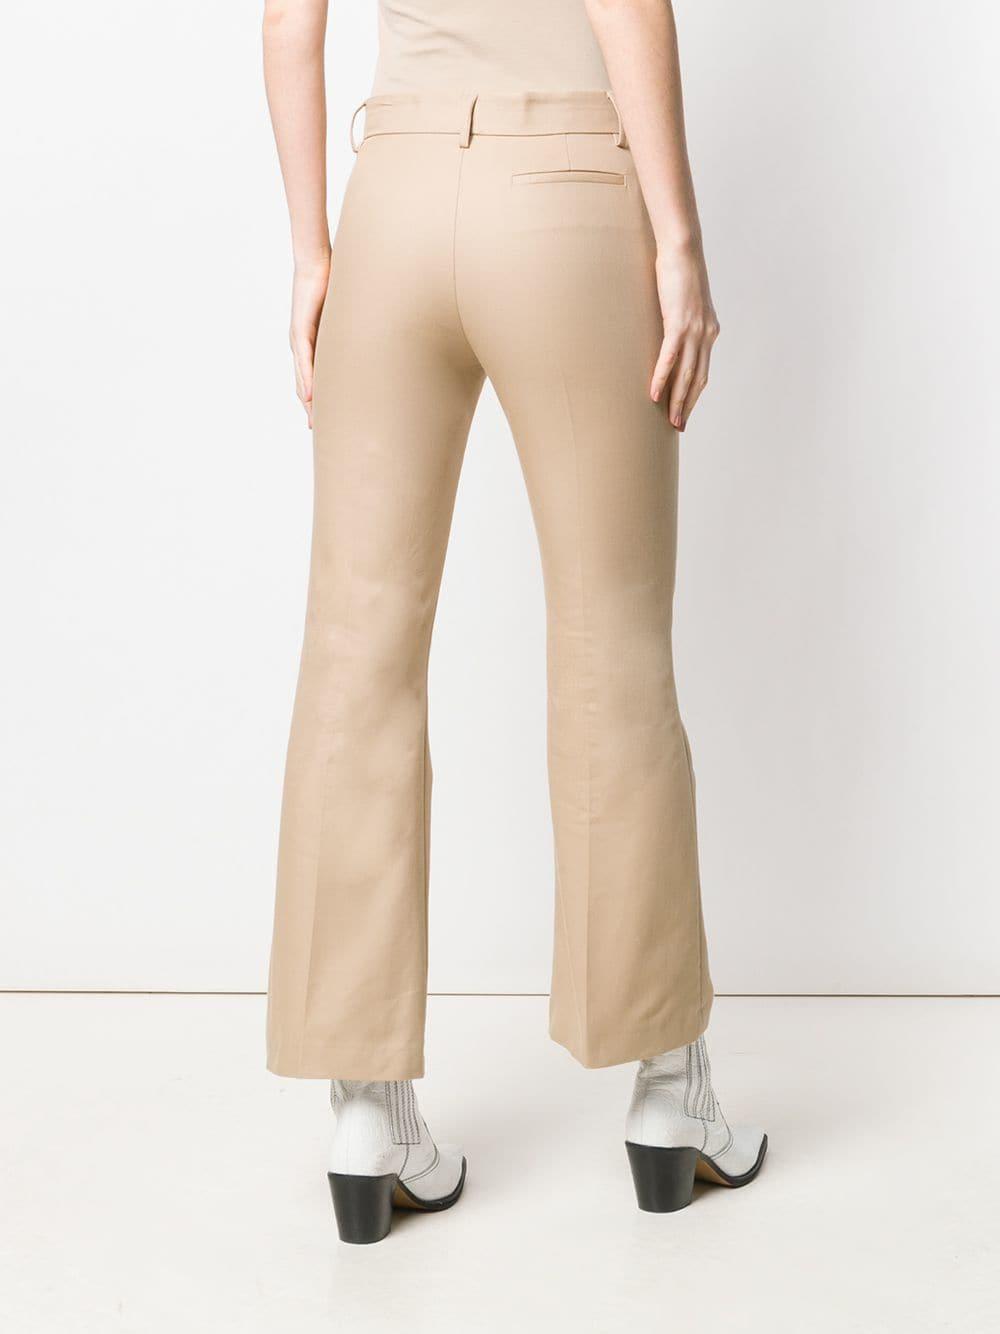 Pantalones acampanados MSGM de Algodón de color Neutro